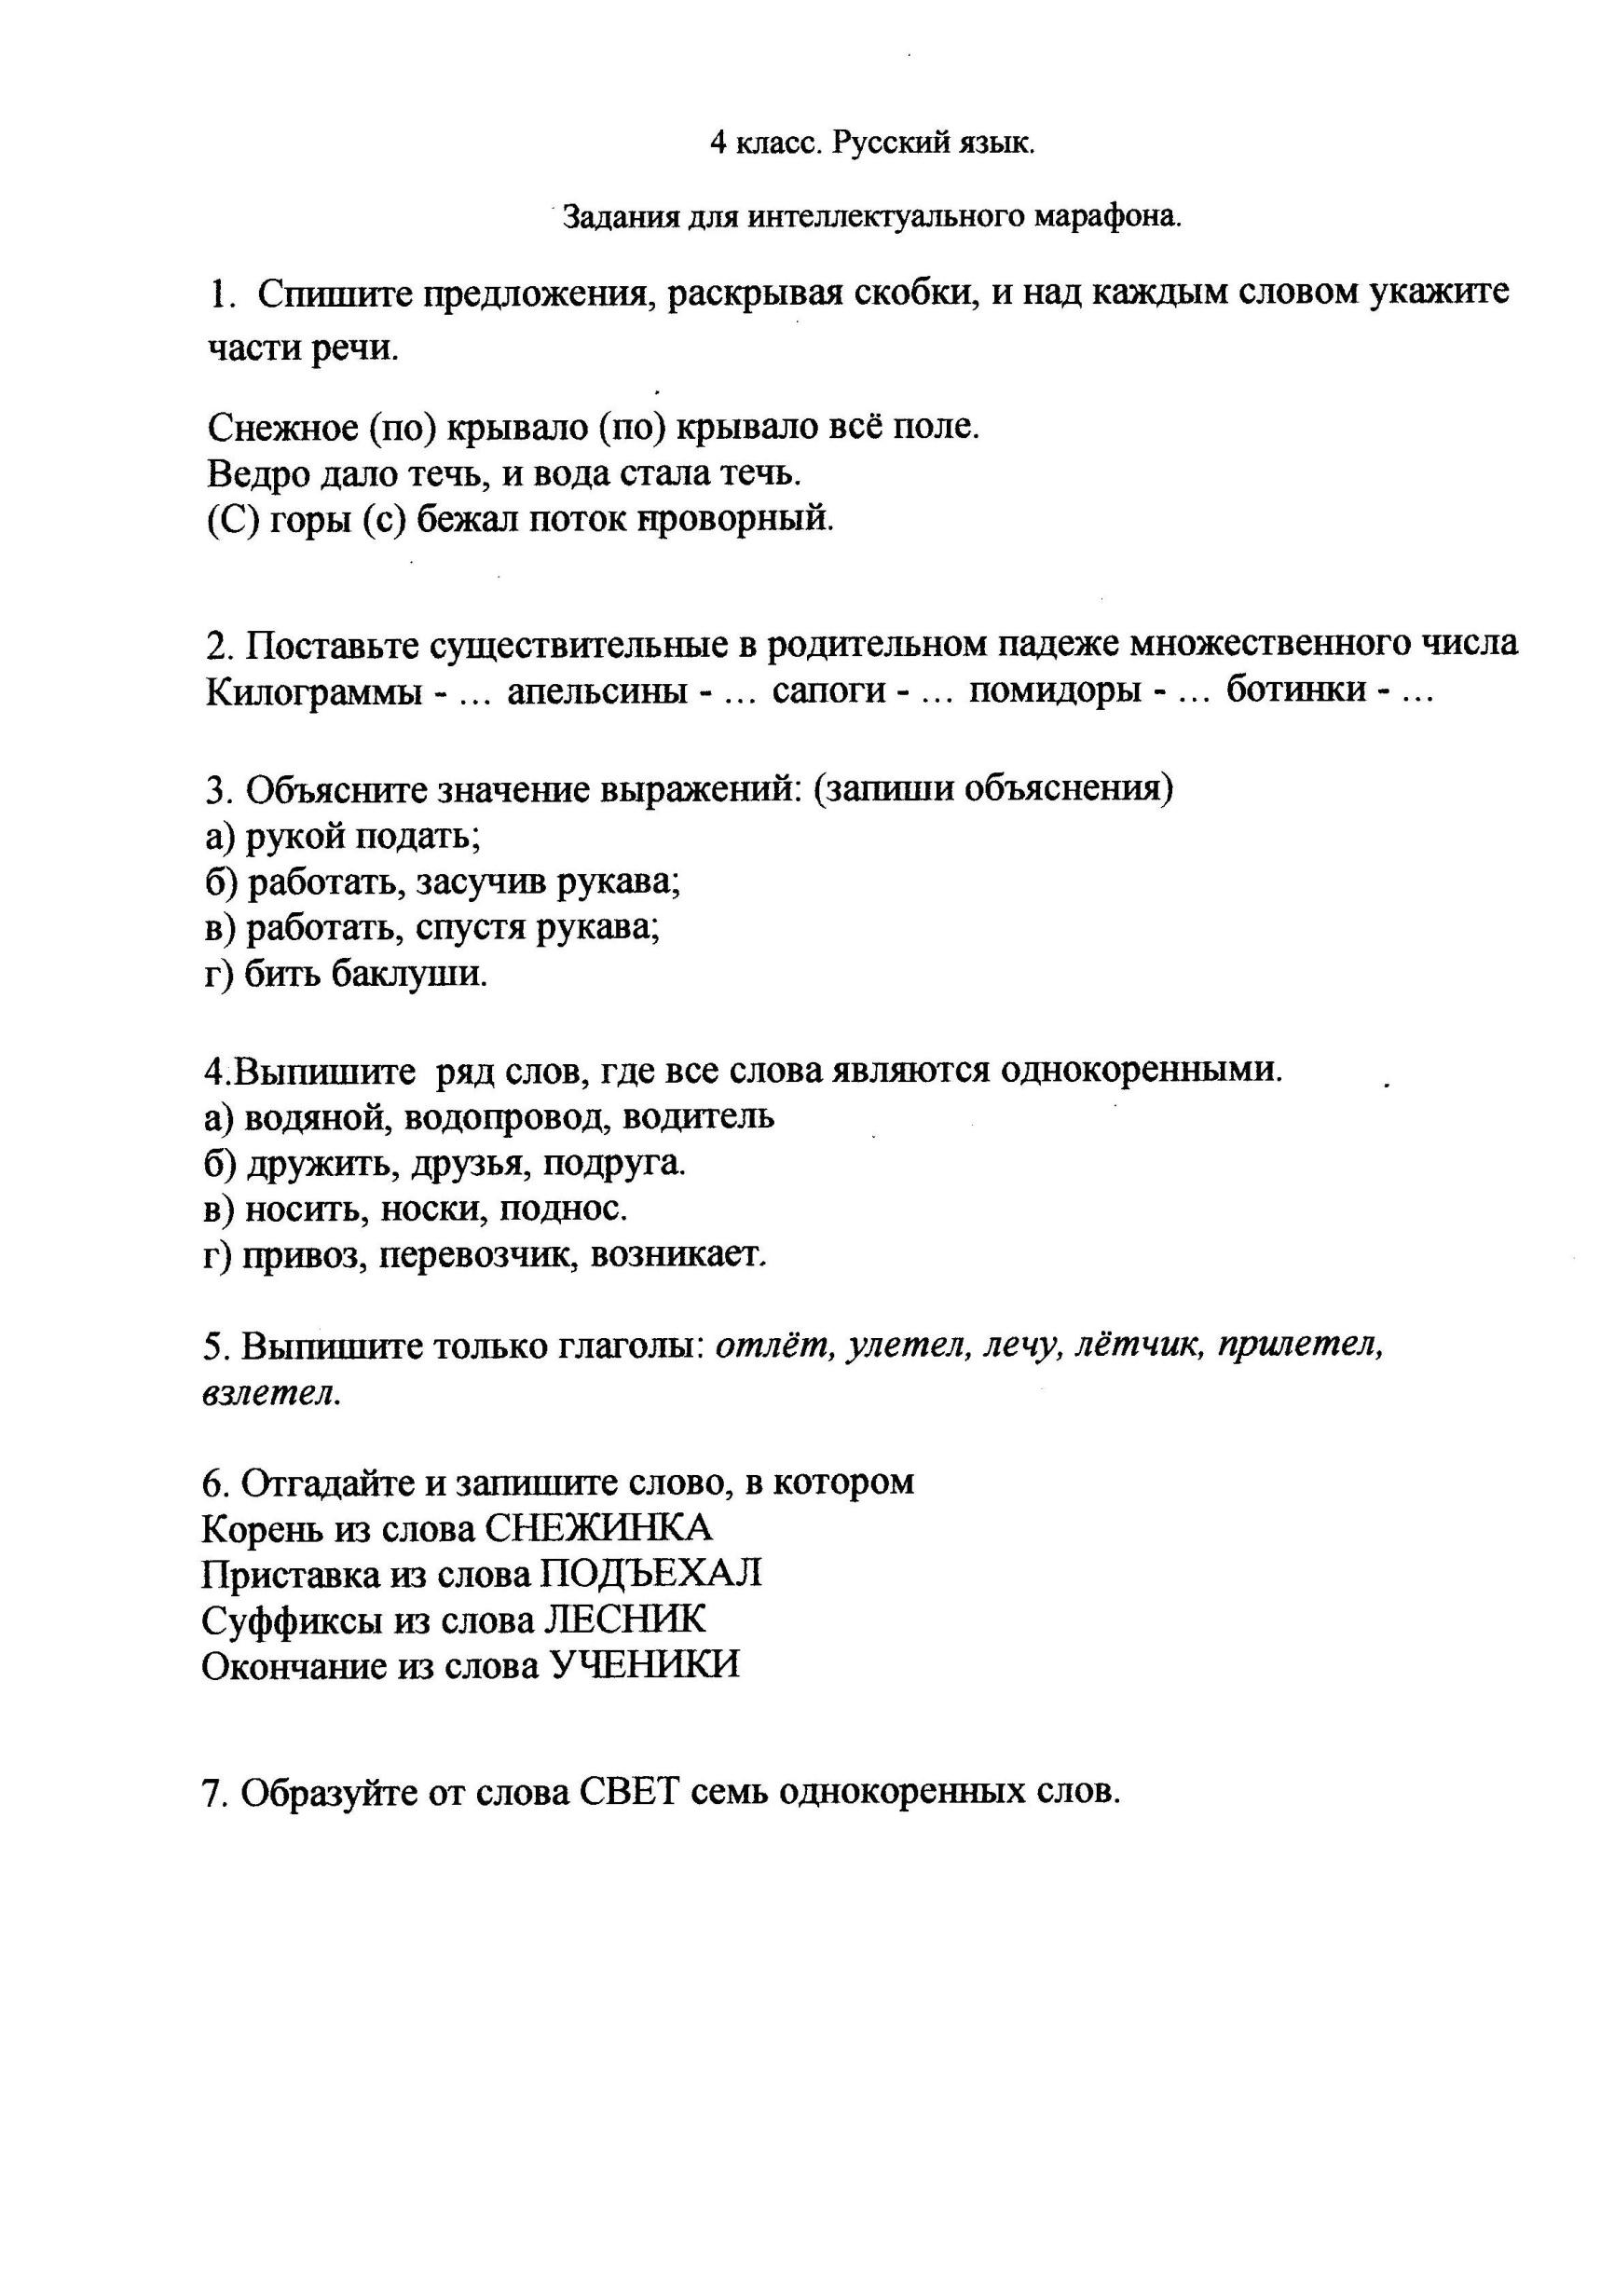 C:\Users\Эксперт\Documents\Интеллектуальный марафон2011\4 класс\Изображение 359.jpg